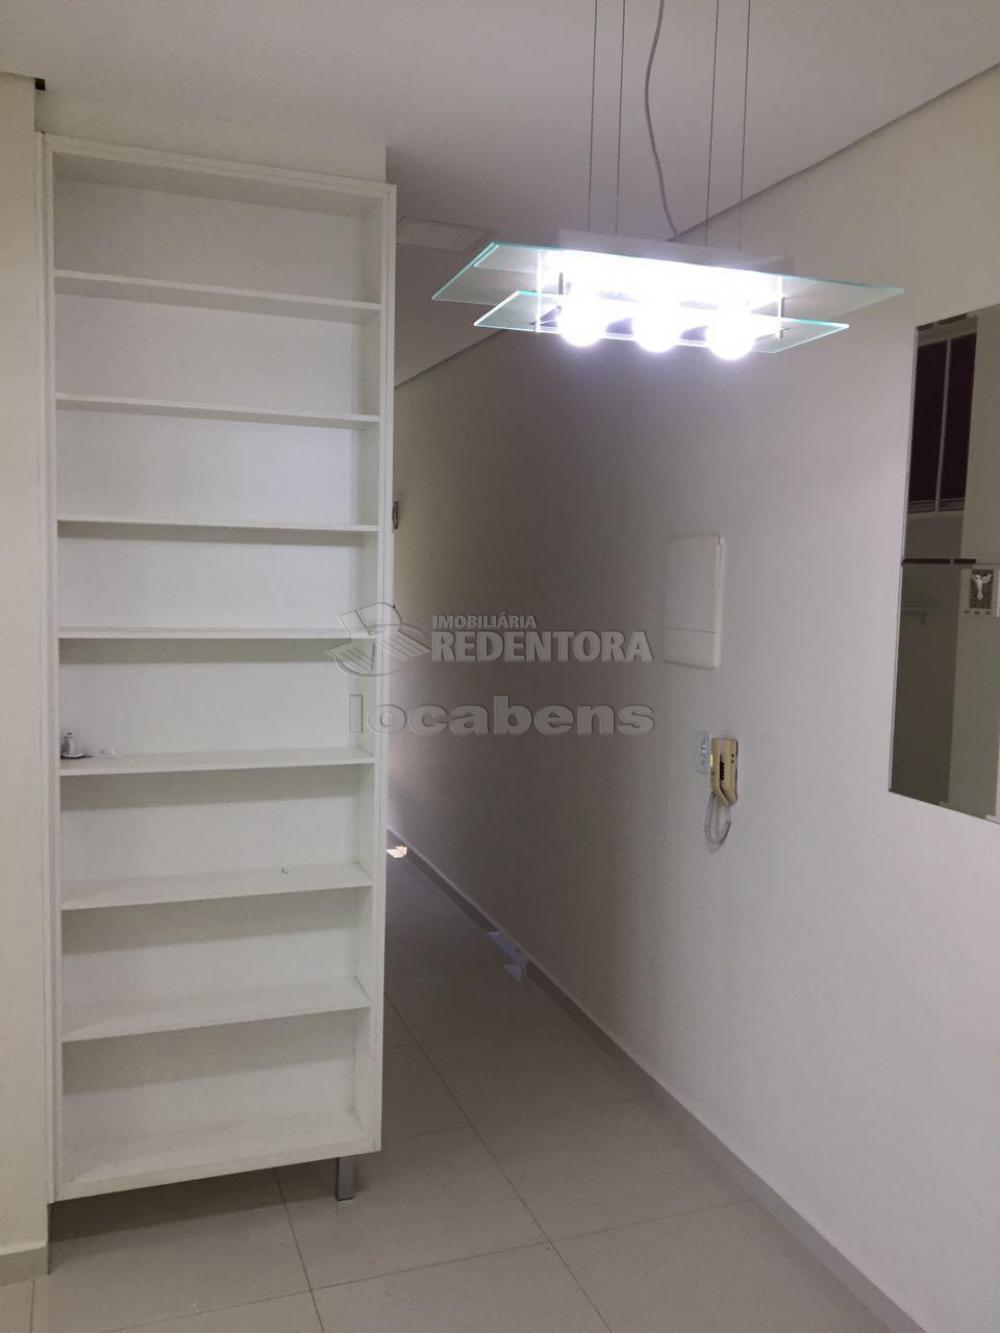 Comprar Apartamento / Padrão em São José do Rio Preto apenas R$ 180.000,00 - Foto 3